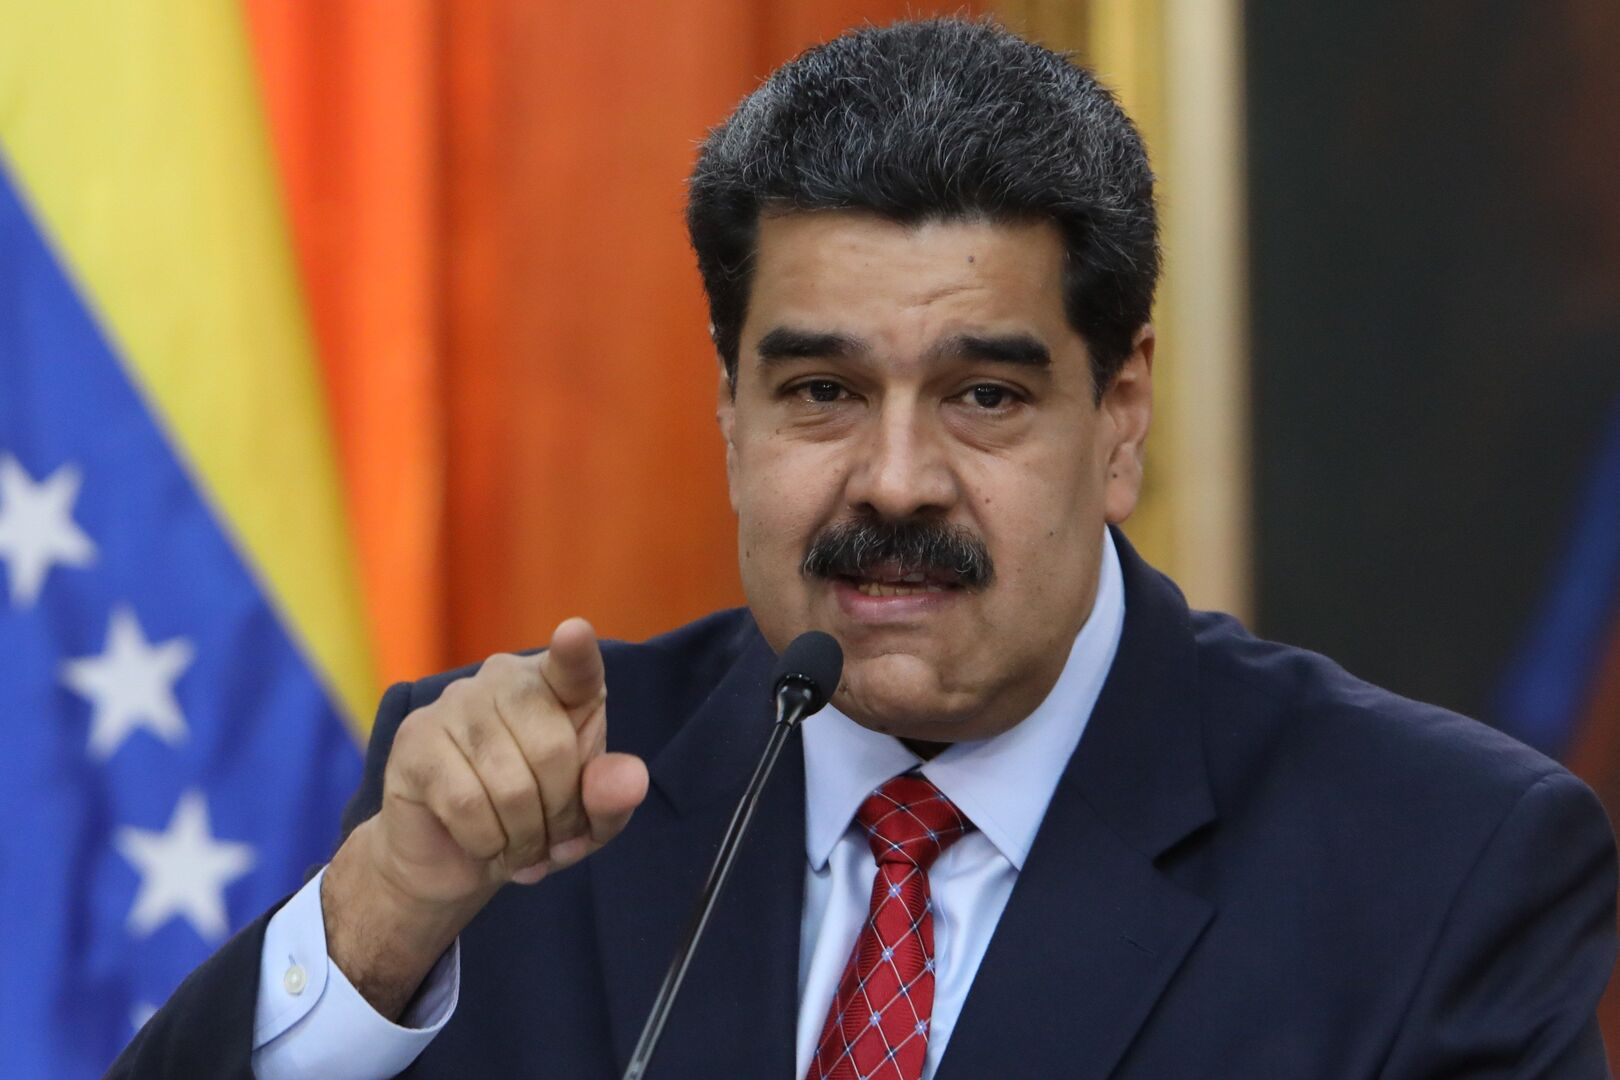 La ONU pide 200 millones de euros para dar ayuda humanitaria a Venezuela